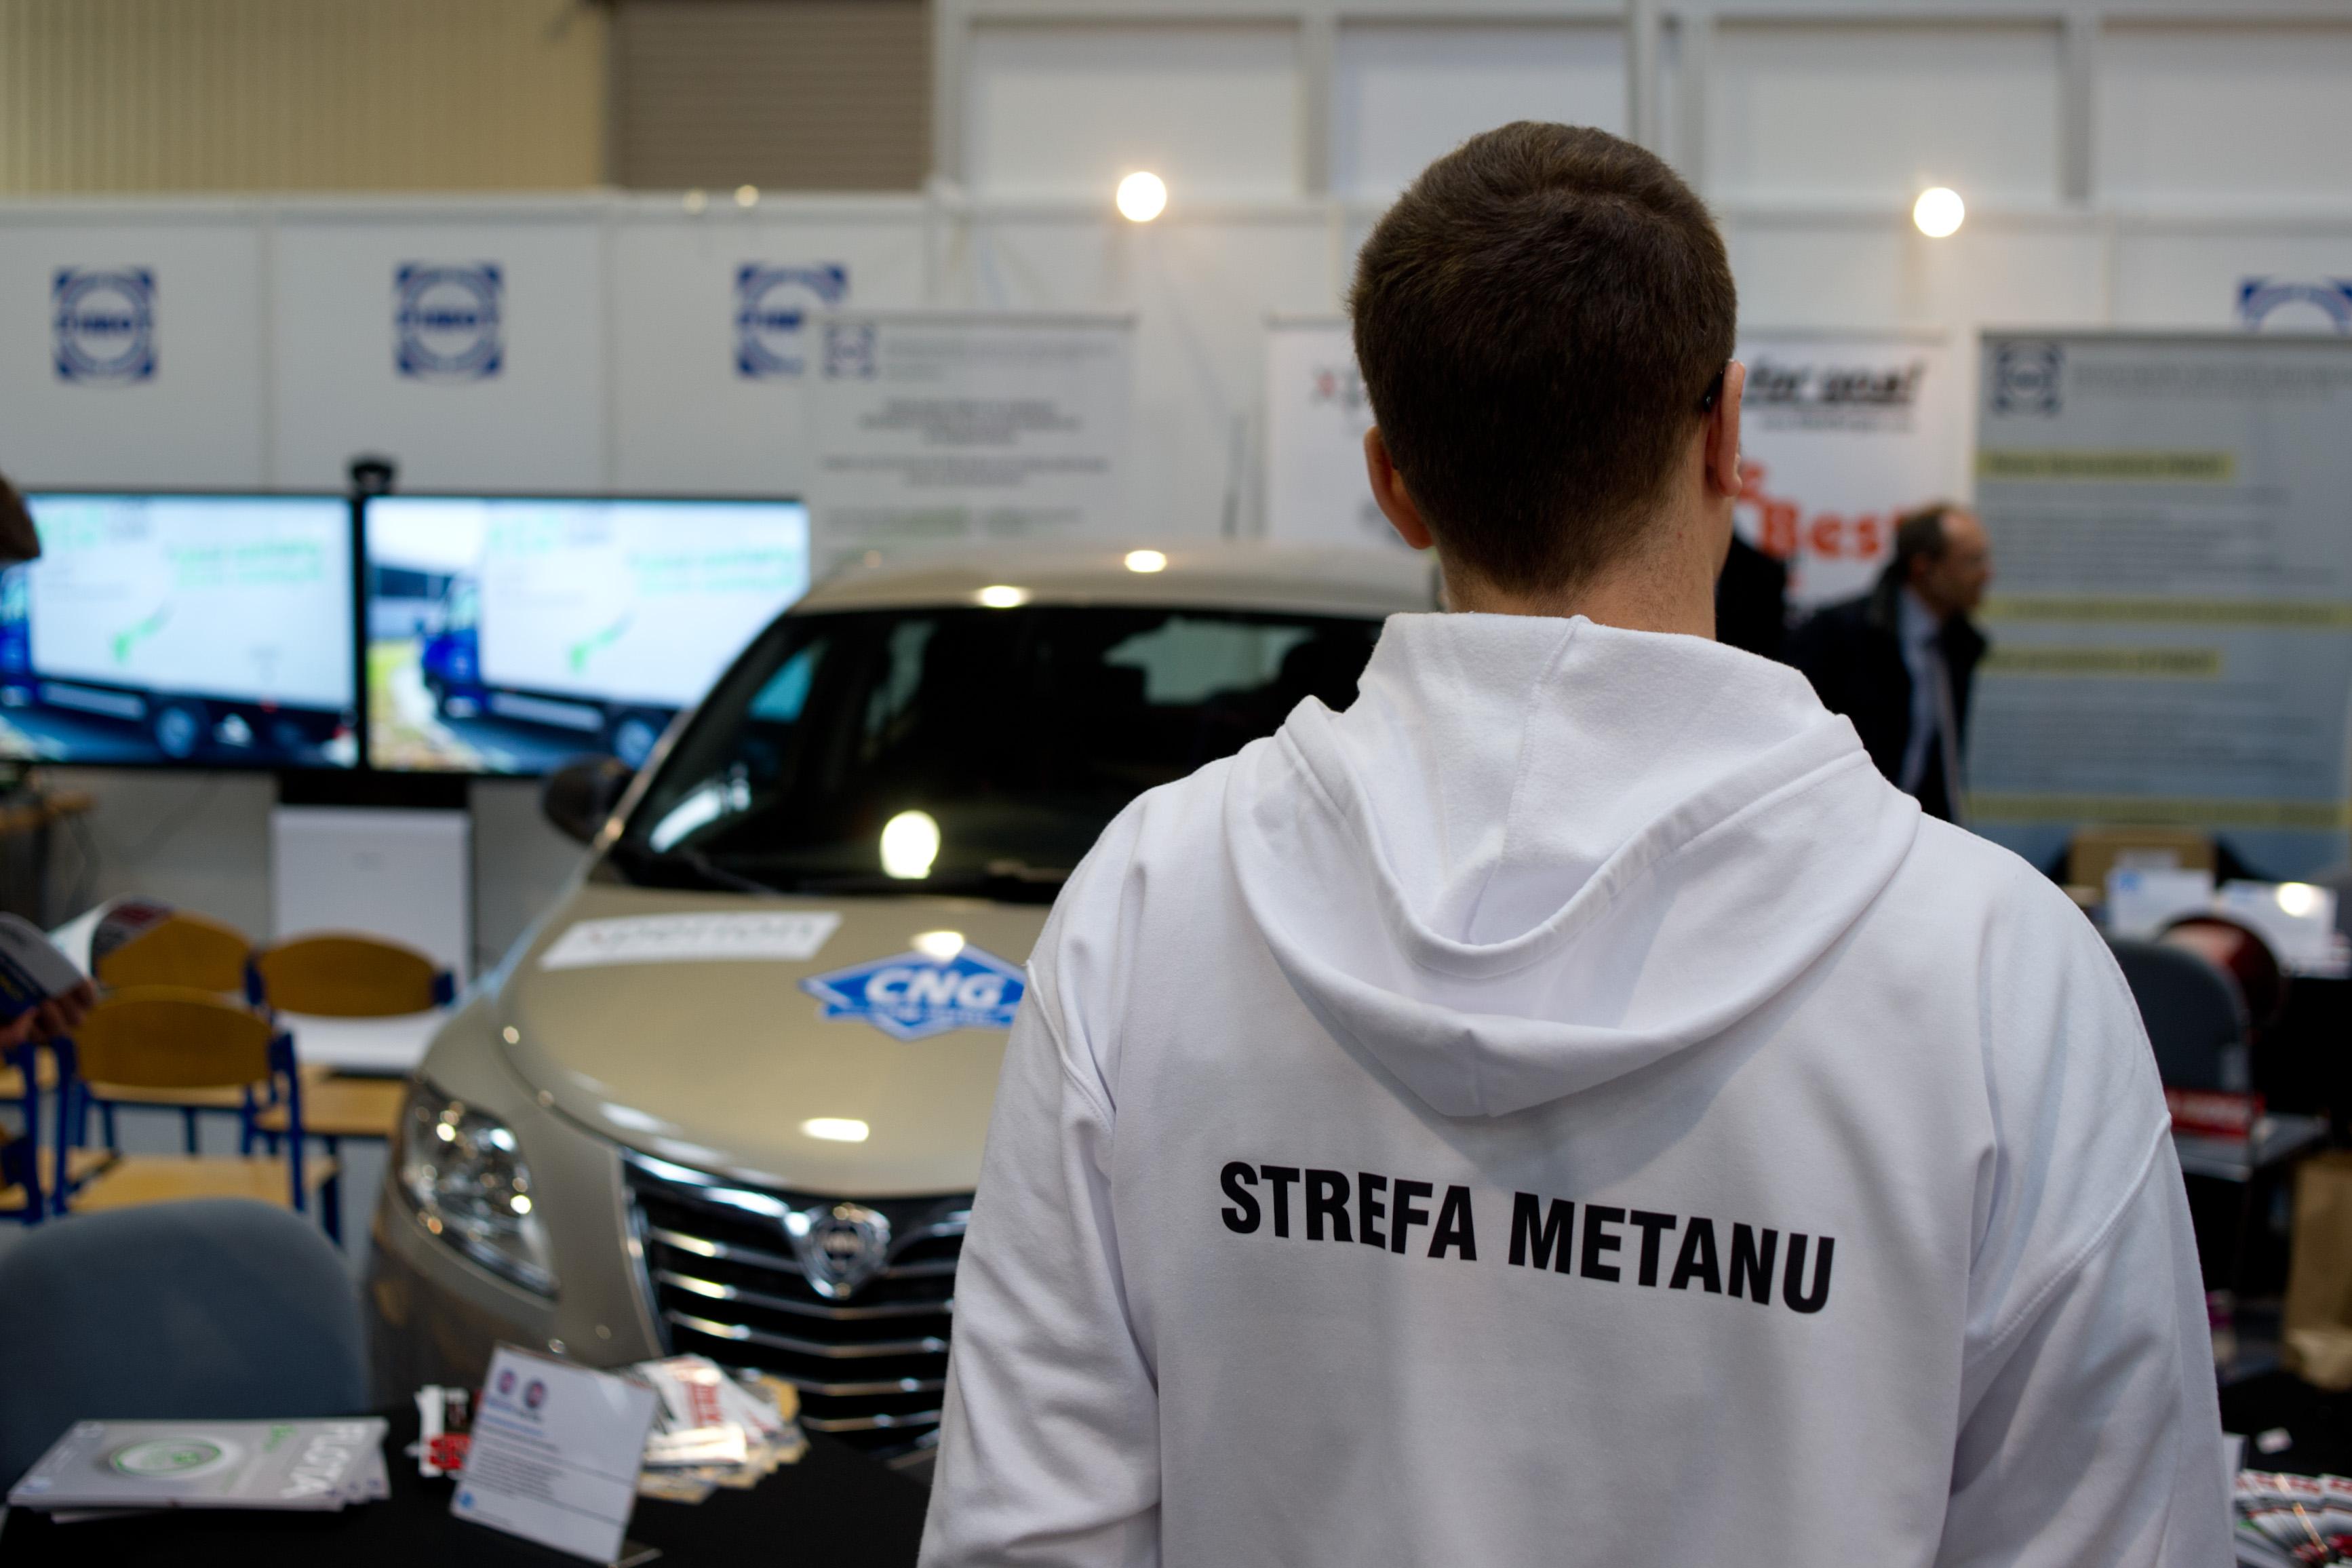 """Międzynarodowa Wystawa Pojazdów i Technologii CNG, LNG 'Strefa Metanu"""" pod Patronatem Honorowym Menadżer Floty i EKOFLOTA 2017"""